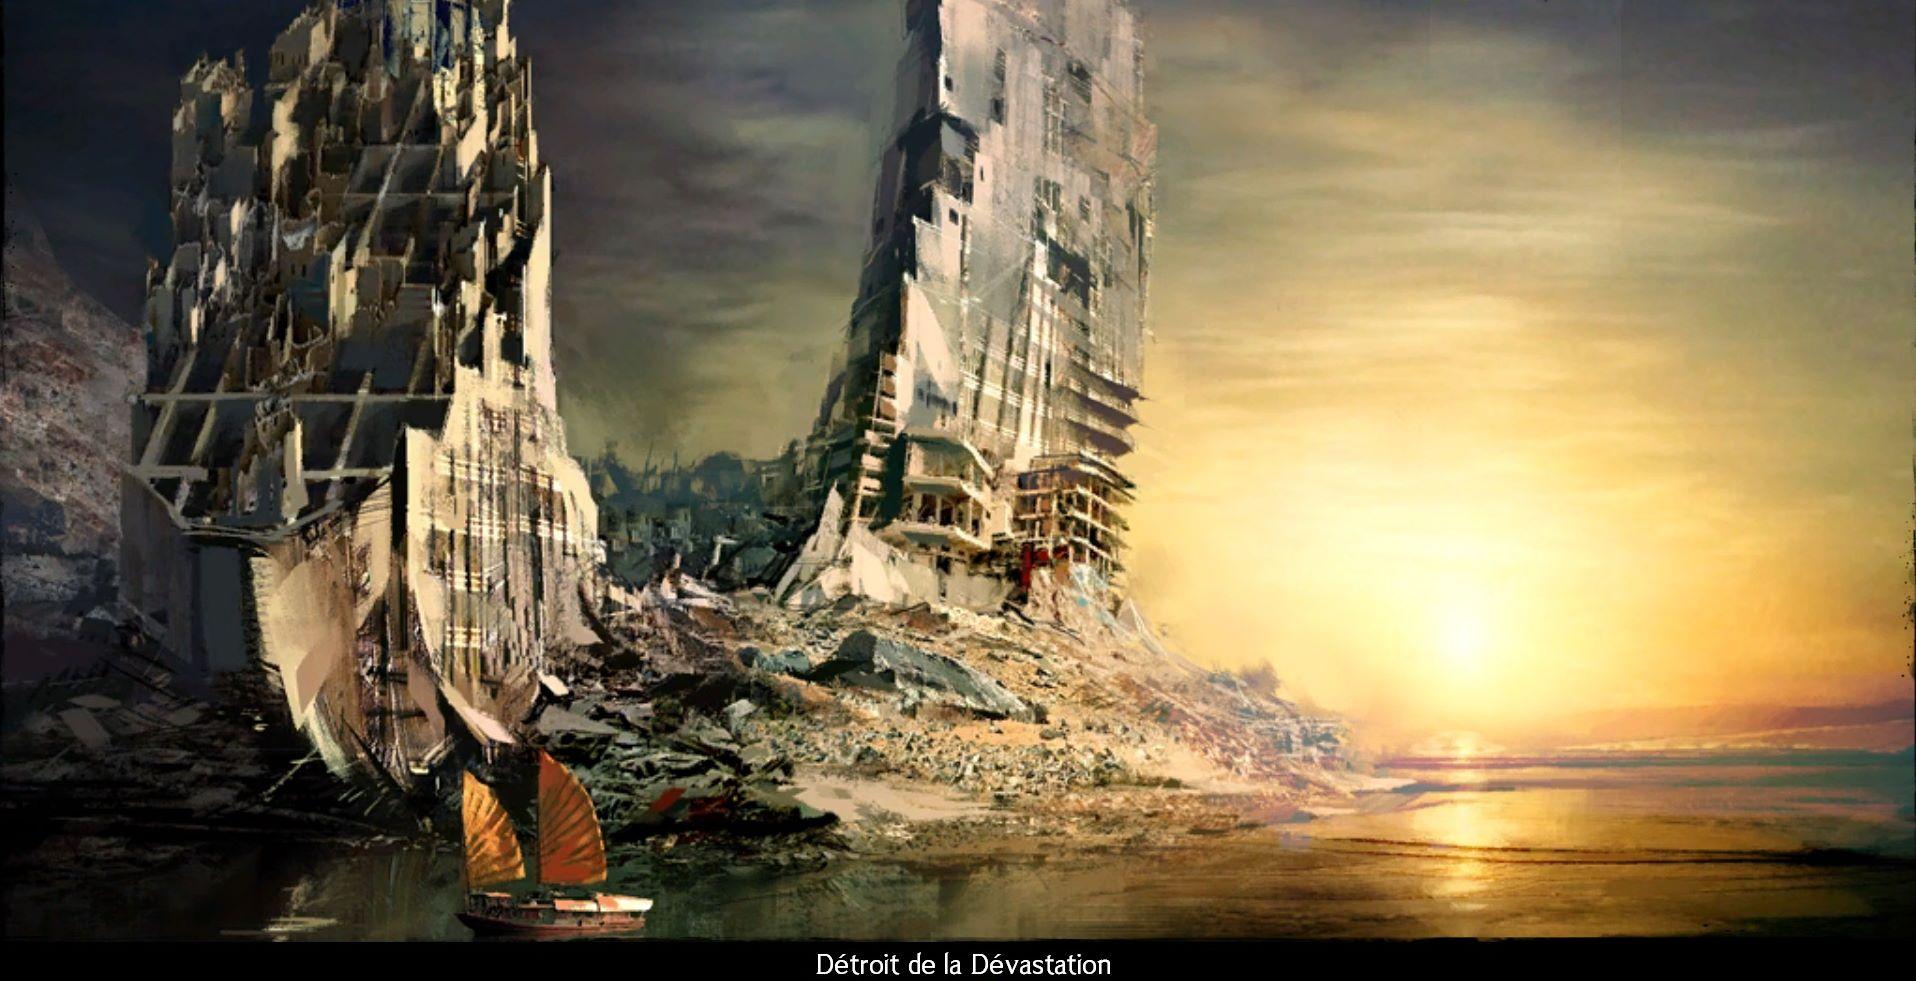 Détroit de la Devastation